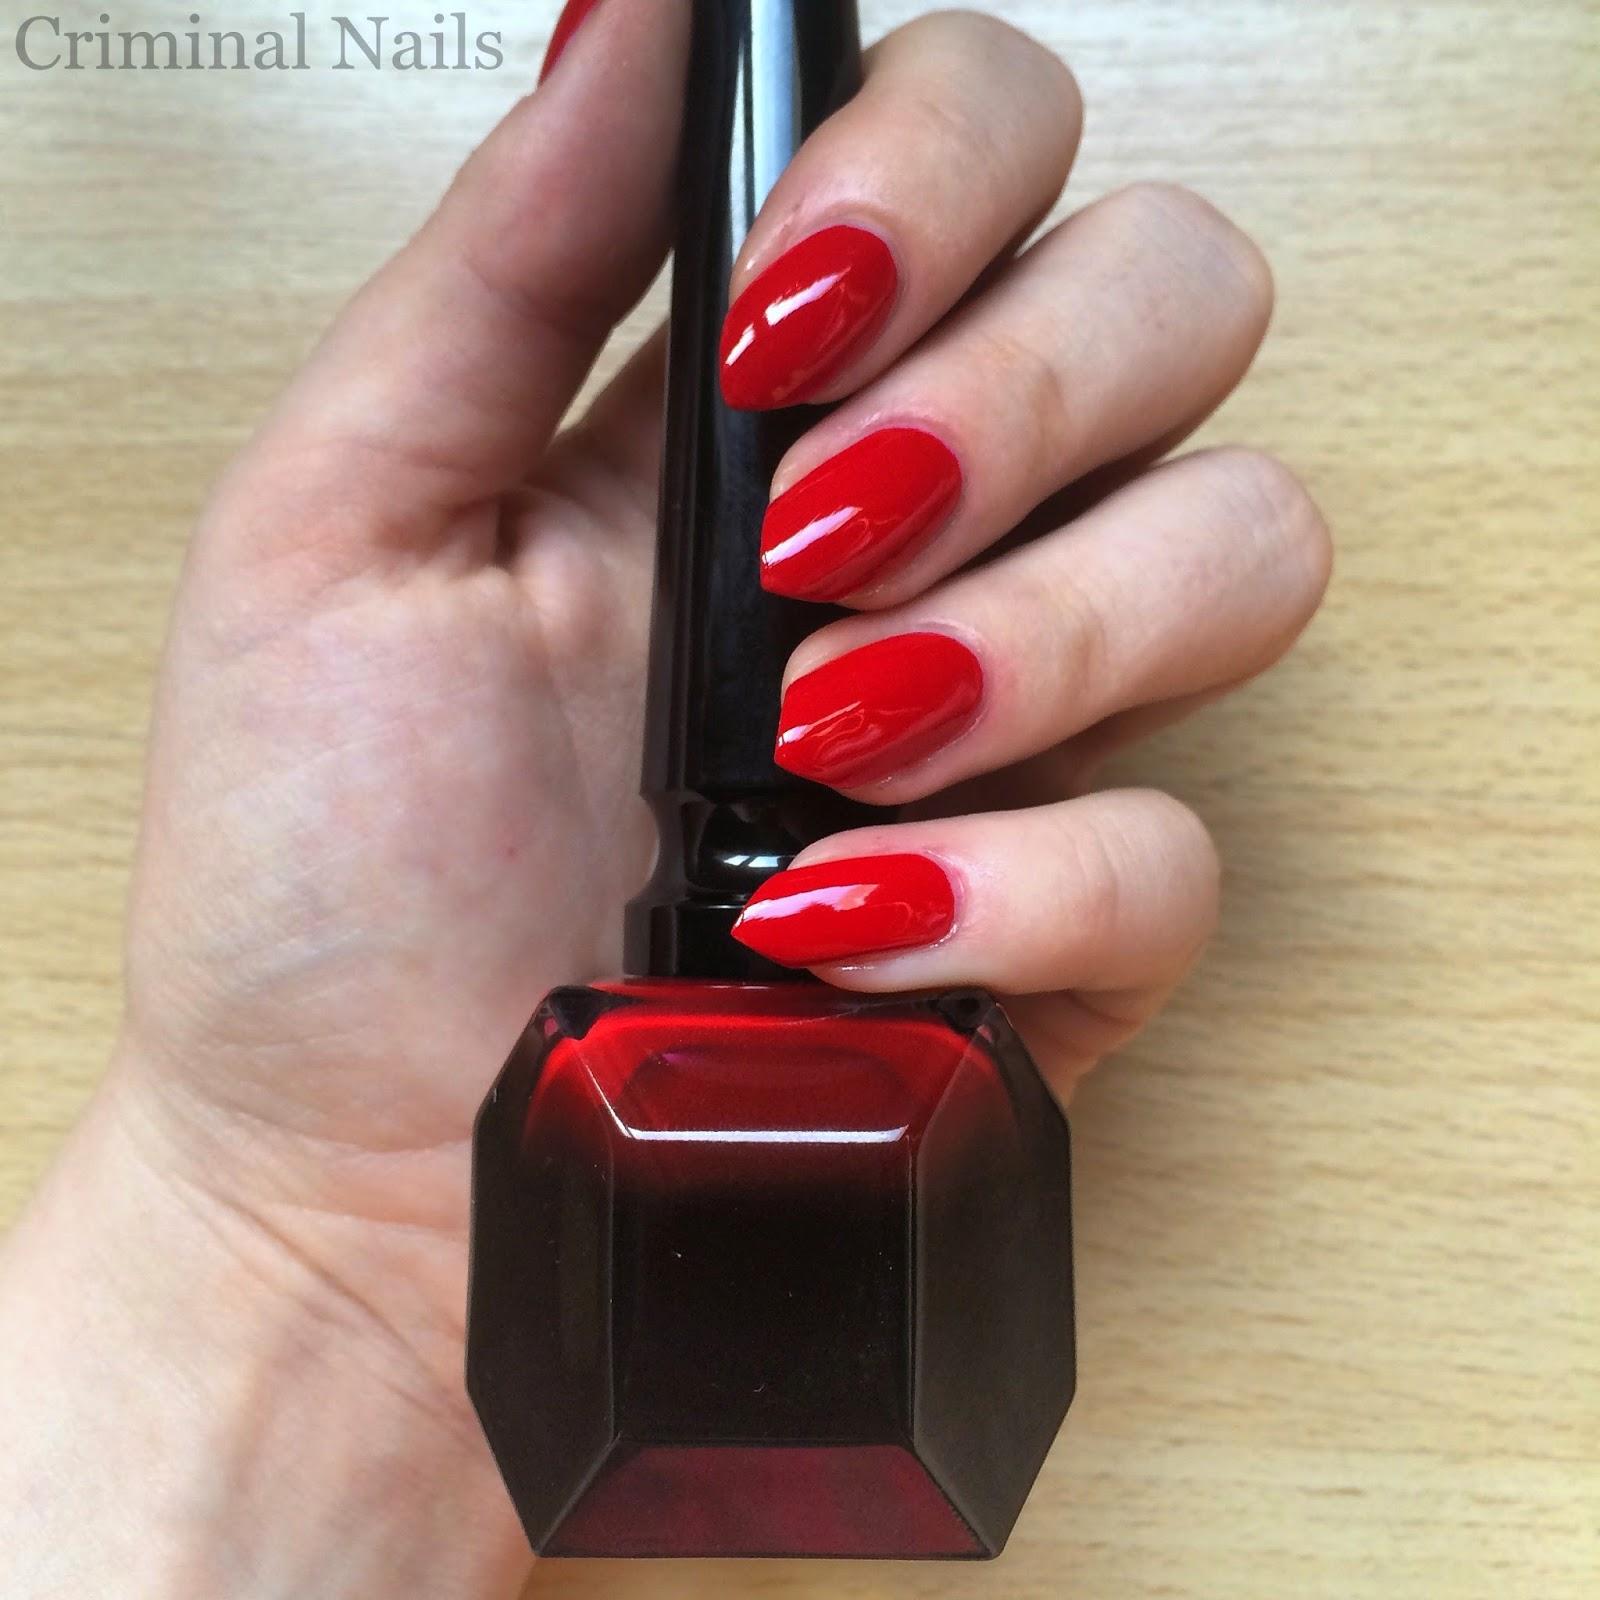 Criminal Nails: My Louboutin stilettos - Rouge Louboutin or the ...